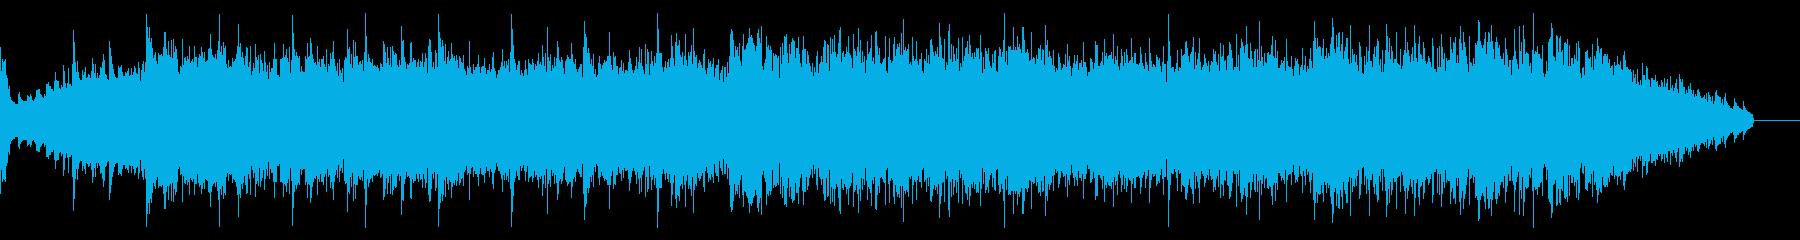 重々しいオーケストラルなアンビエントの再生済みの波形